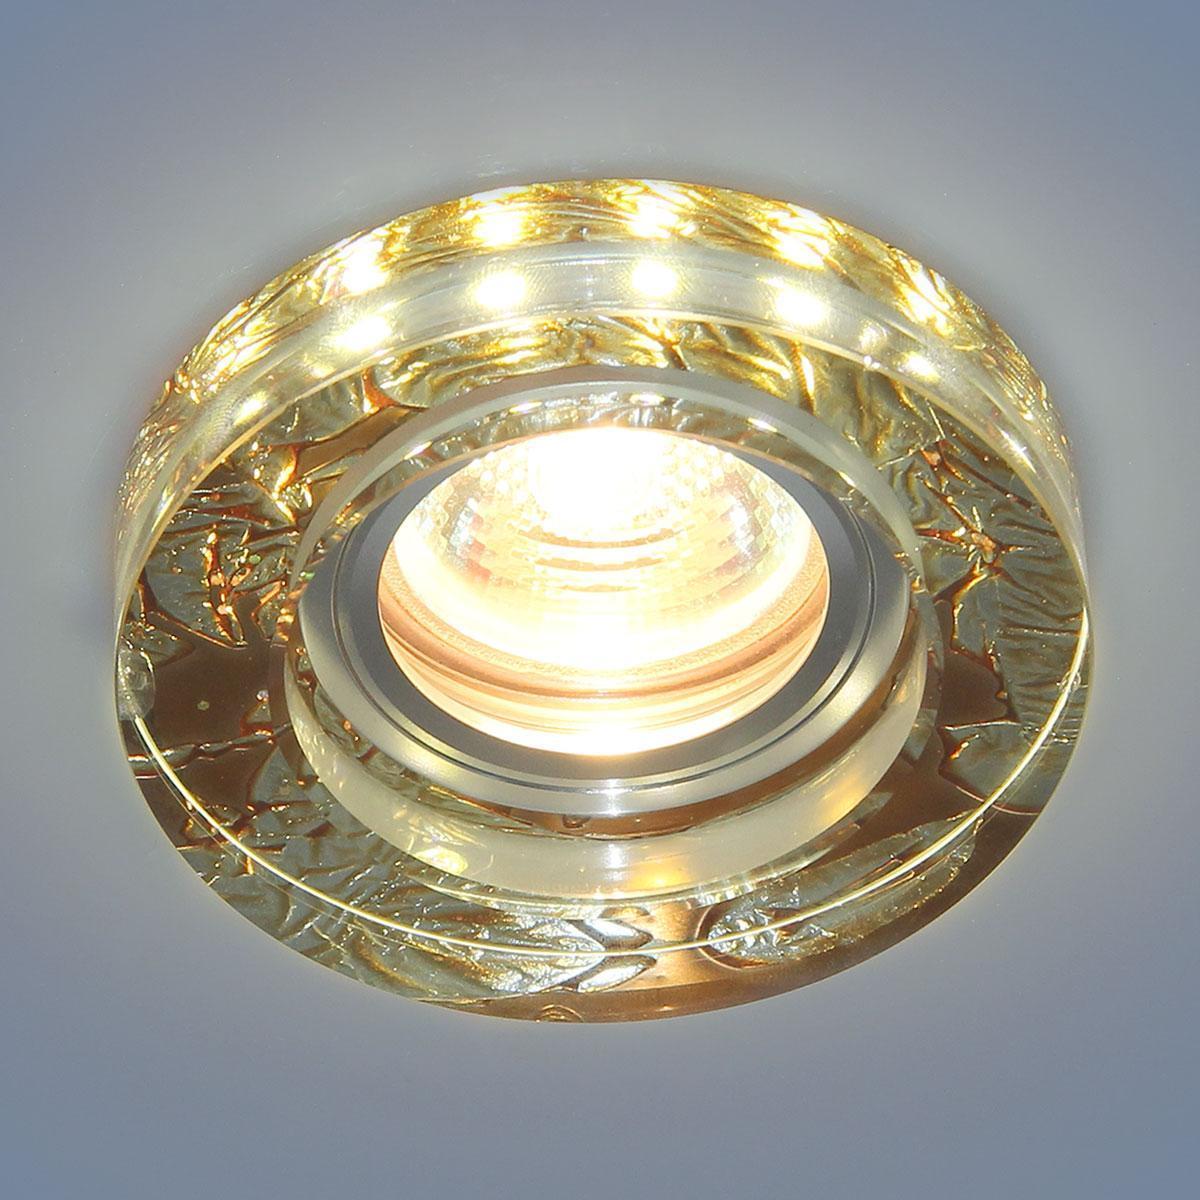 Встраиваемый светильник Elektrostandard 2190 MR16 PK розовый перламутр 4690389083211 elektrostandard точечный светильник со светодиодами elektrostandard 2190 mr16 pk розовый перламутр 4690389083211